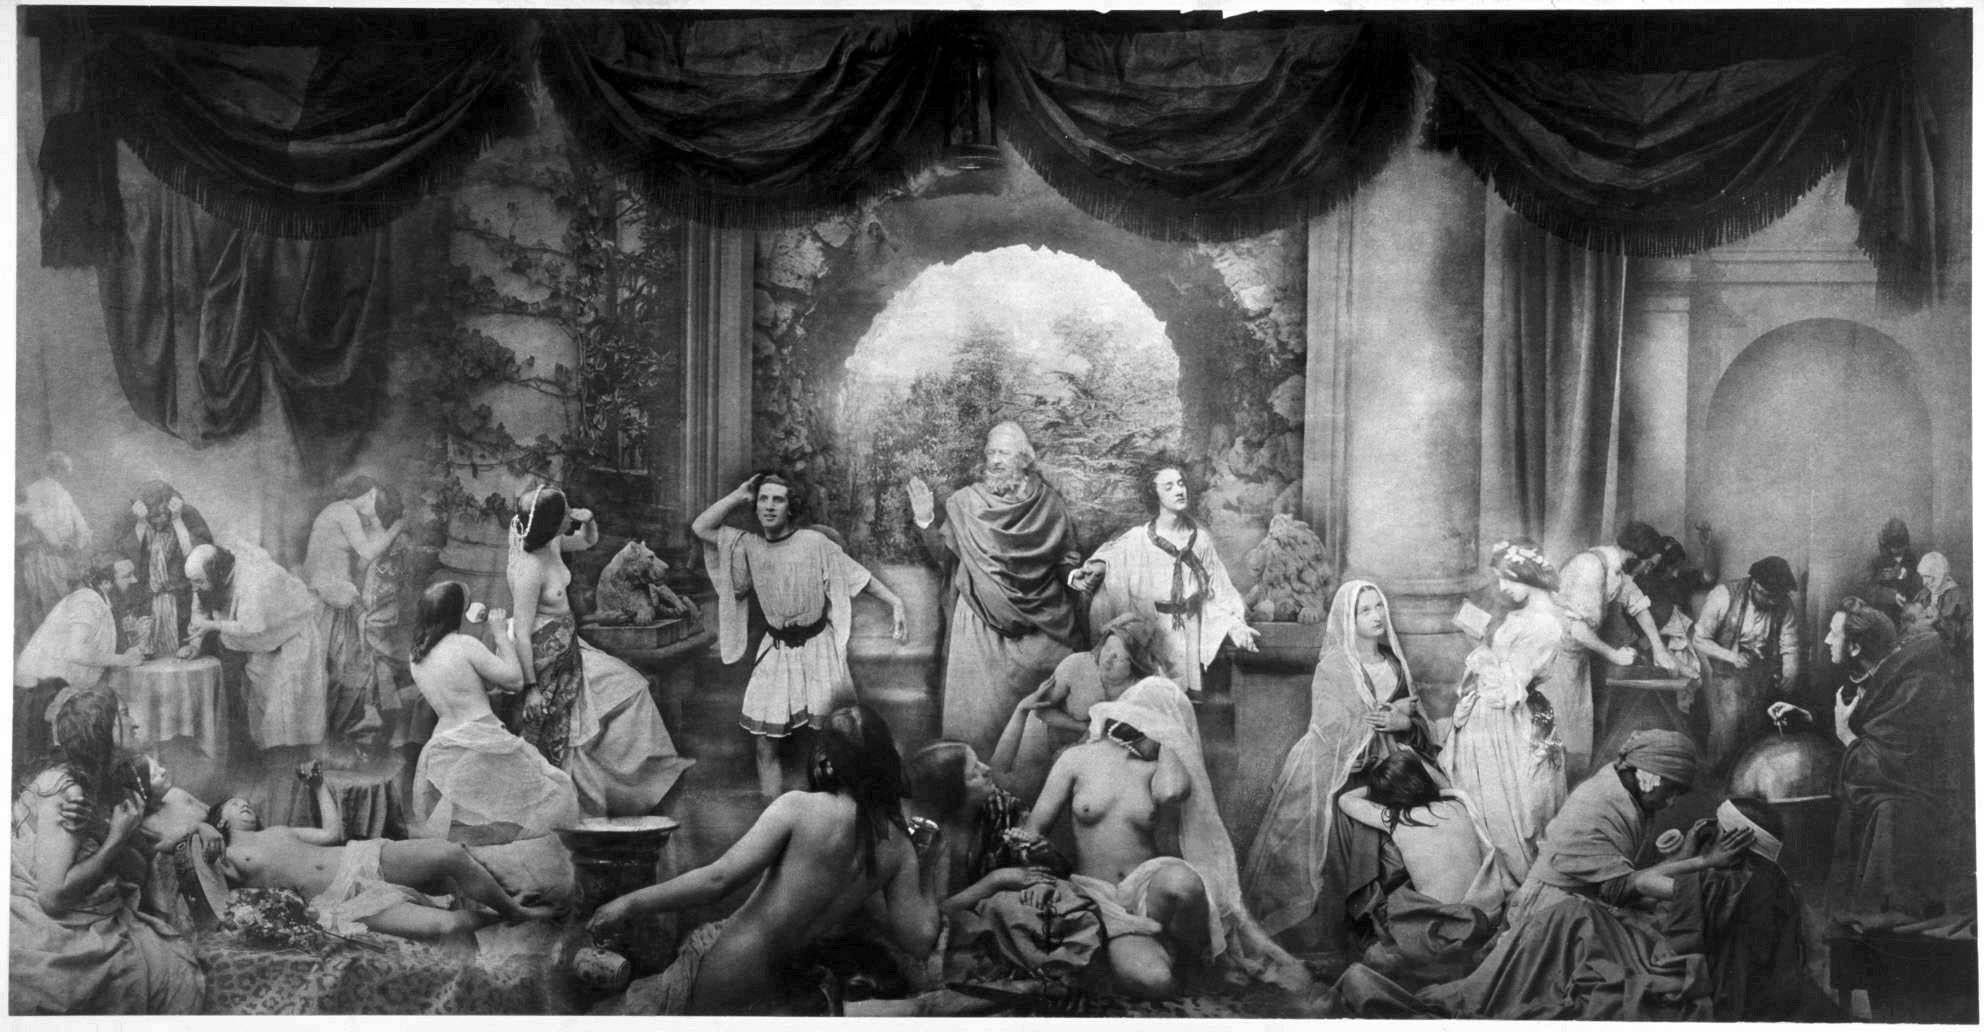 """(Img. 1) - Oscar Gustave Rejlander - """"The Two Ways of Life"""" 1857 (Două moduri de viață)"""